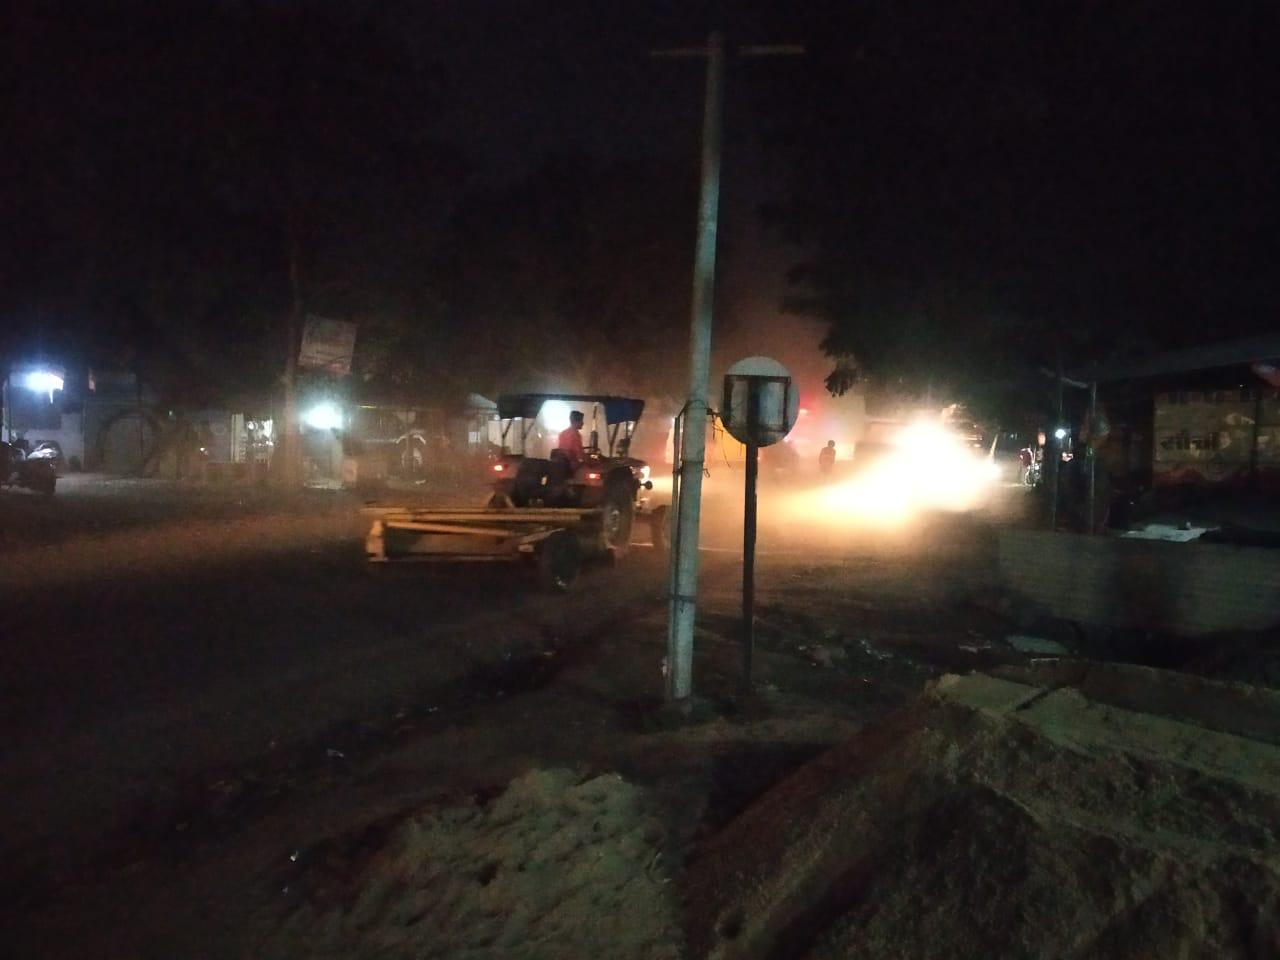 छैगांवमाखन में कल शिवराज की चुनावी सभा, इसलिए रातों-रात मंच लगने के साथ रोड का डामरीकरण|खंडवा,Khandwa - Dainik Bhaskar